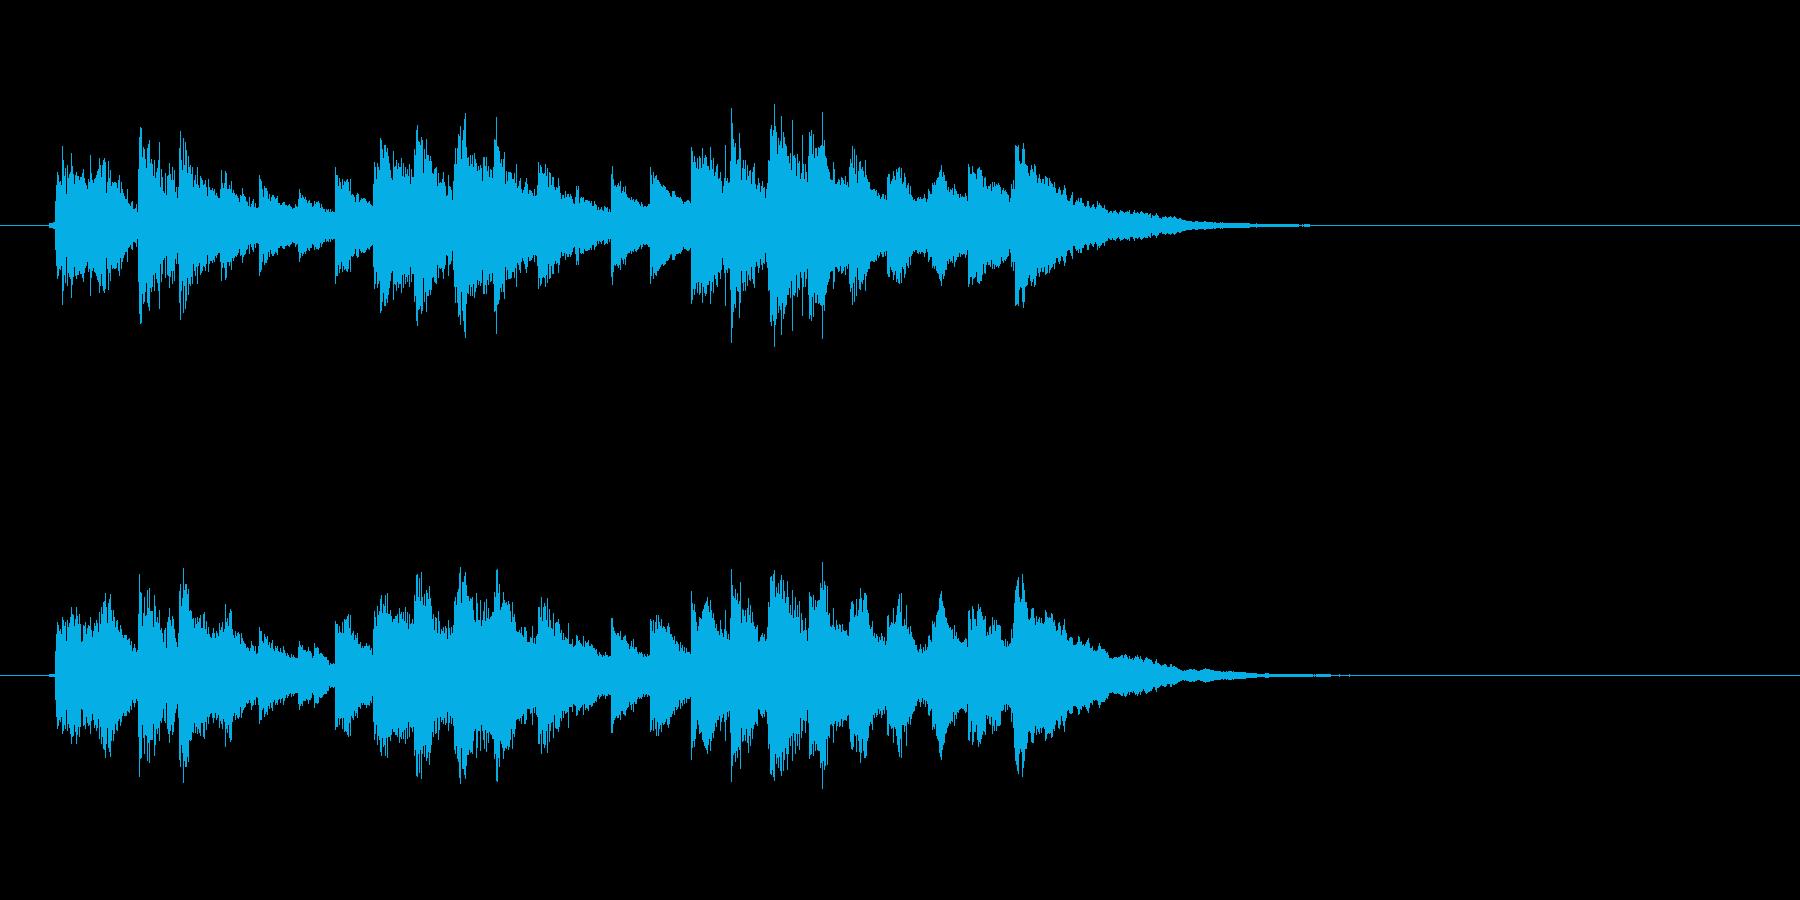 ジングル(かわいい感じ)の再生済みの波形